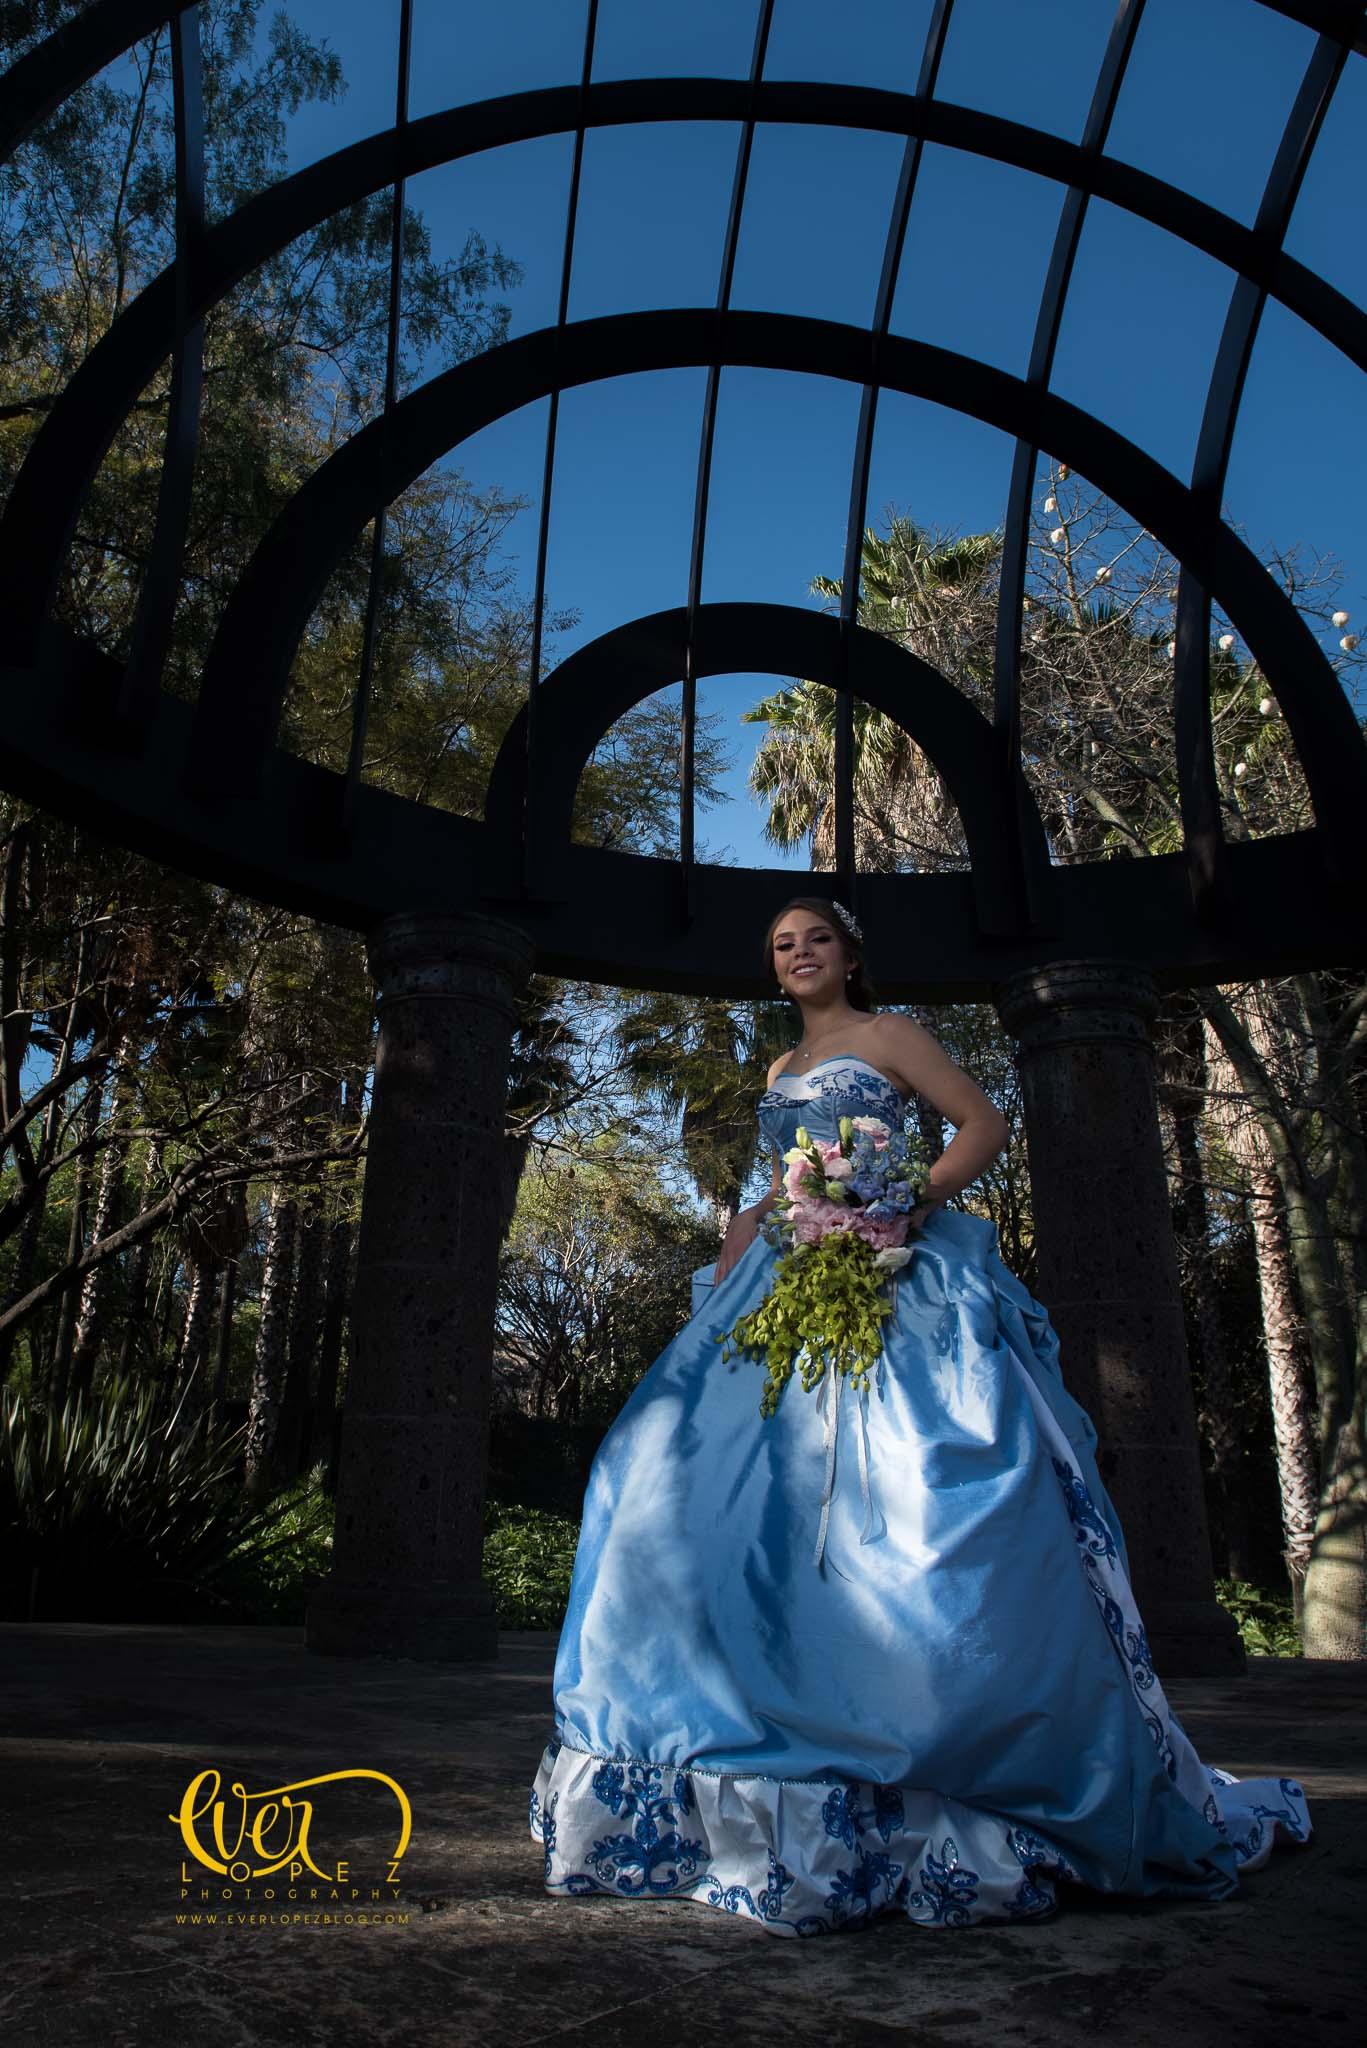 Locaciones para fotos de xv años. fotos de quinceañeras Guadalajara Benavento www.everlopezblog.com